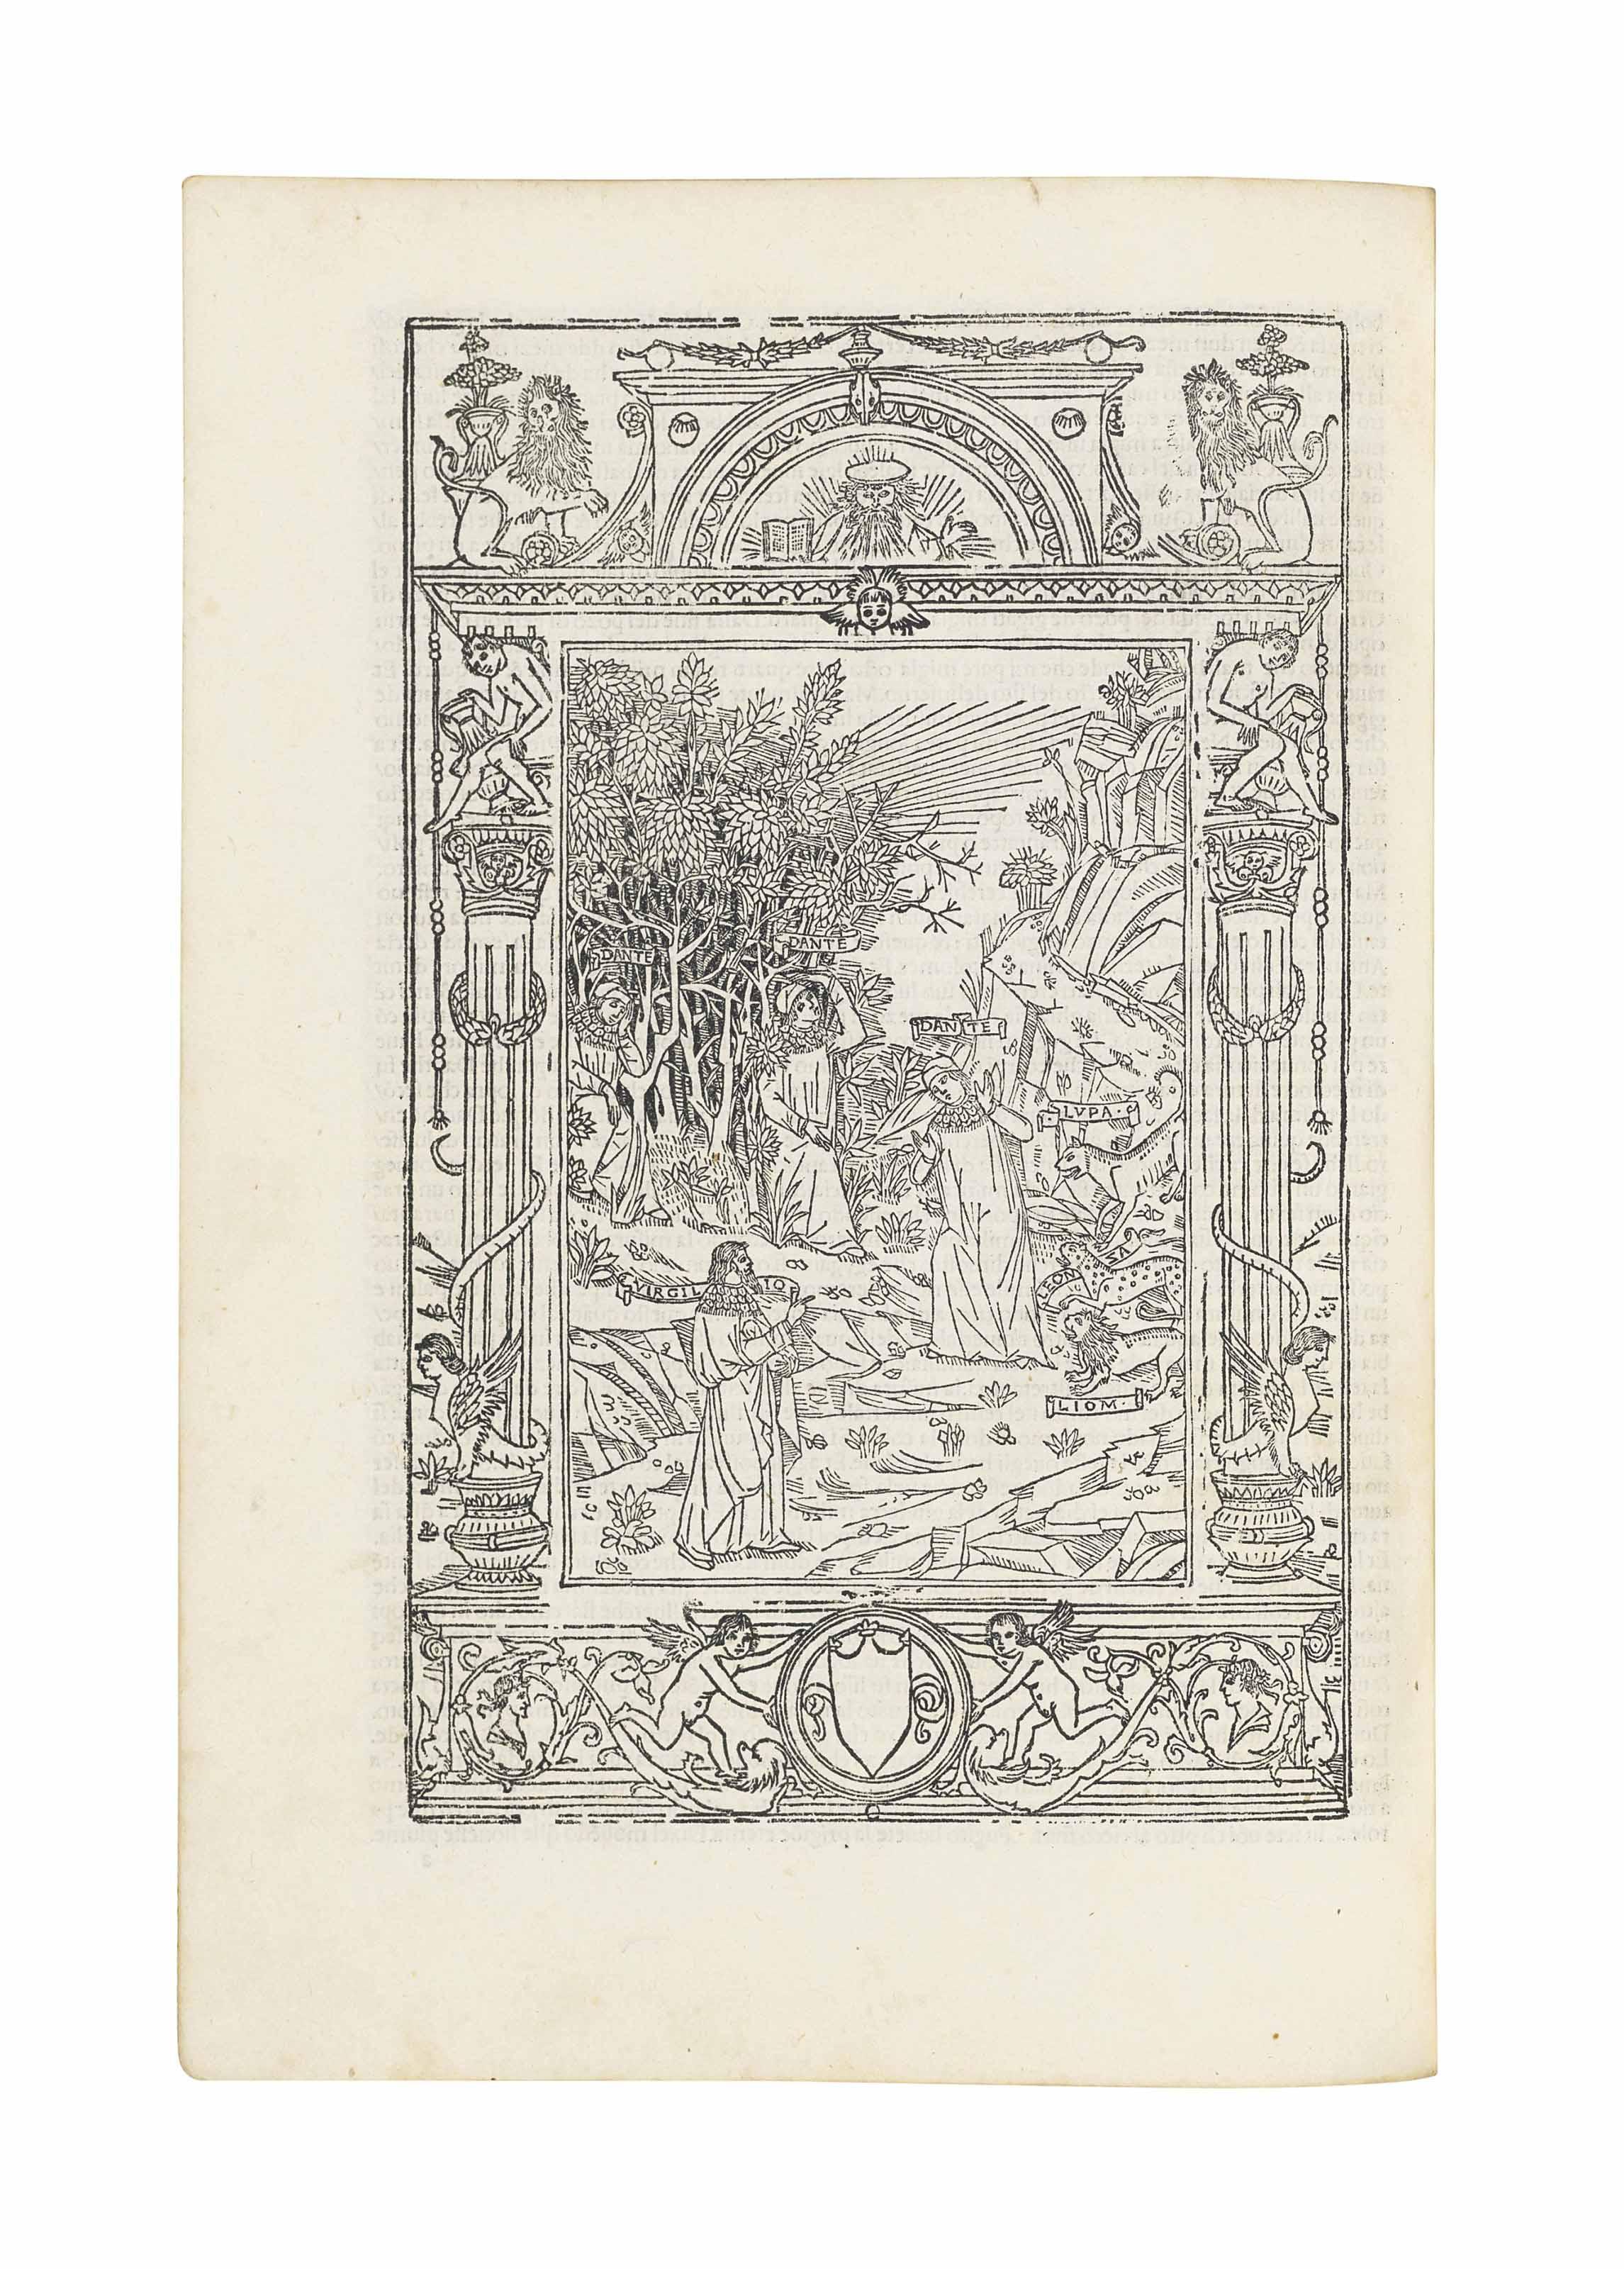 DANTE Alighieri (1265-1321). La Commedia. Commentary by Cristoforo Landino. Venice: Bartolomeo de Zanni da Portese, 1507.